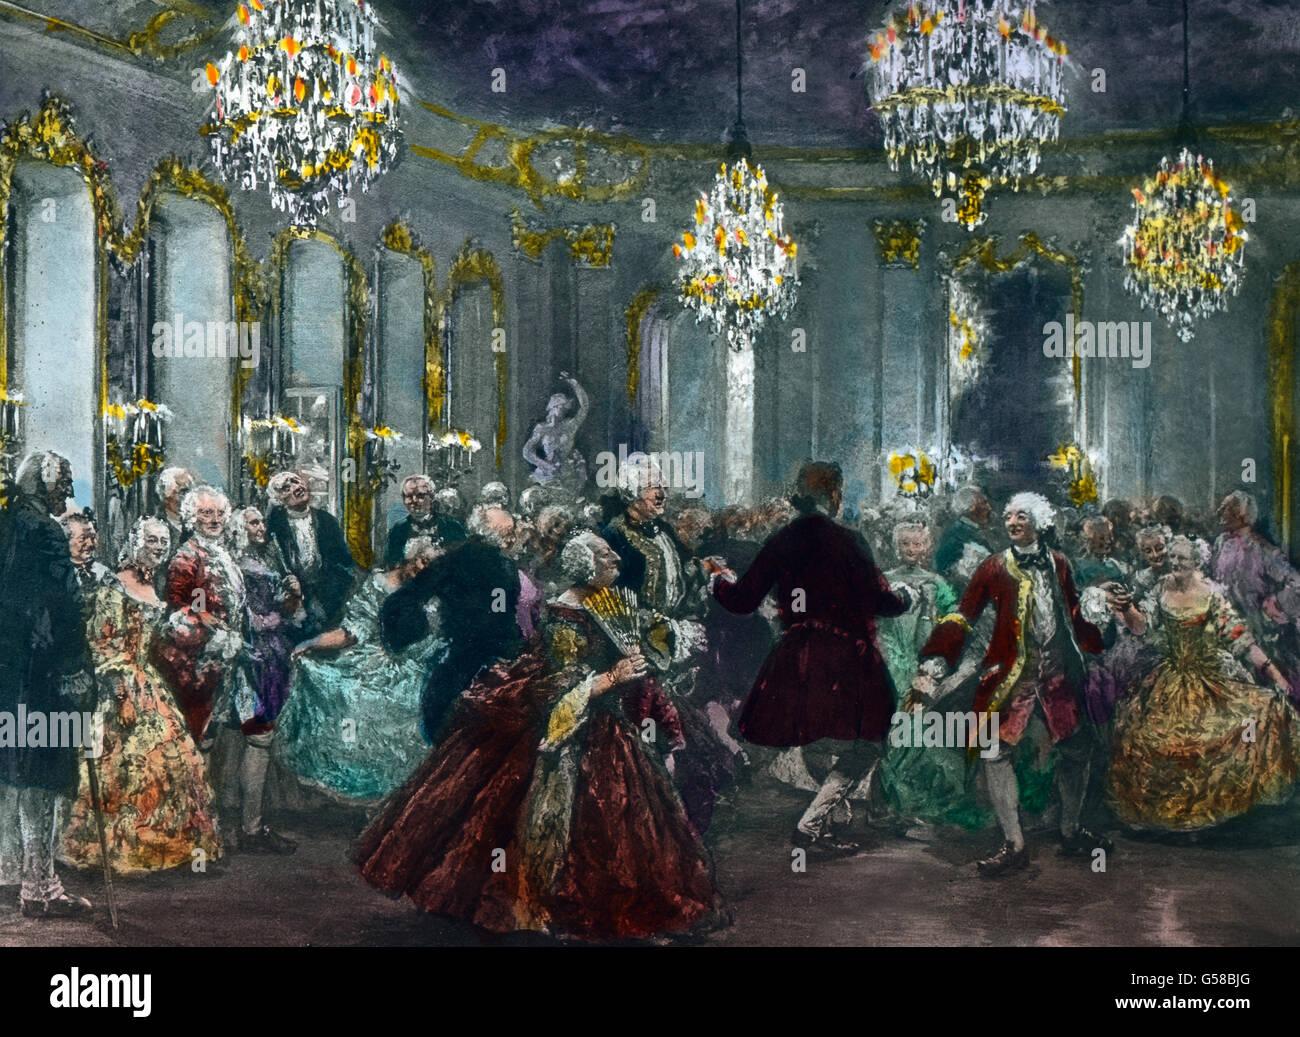 Hofball in Rheinsberg  Germany, Prussia, monarchy, king, royalty